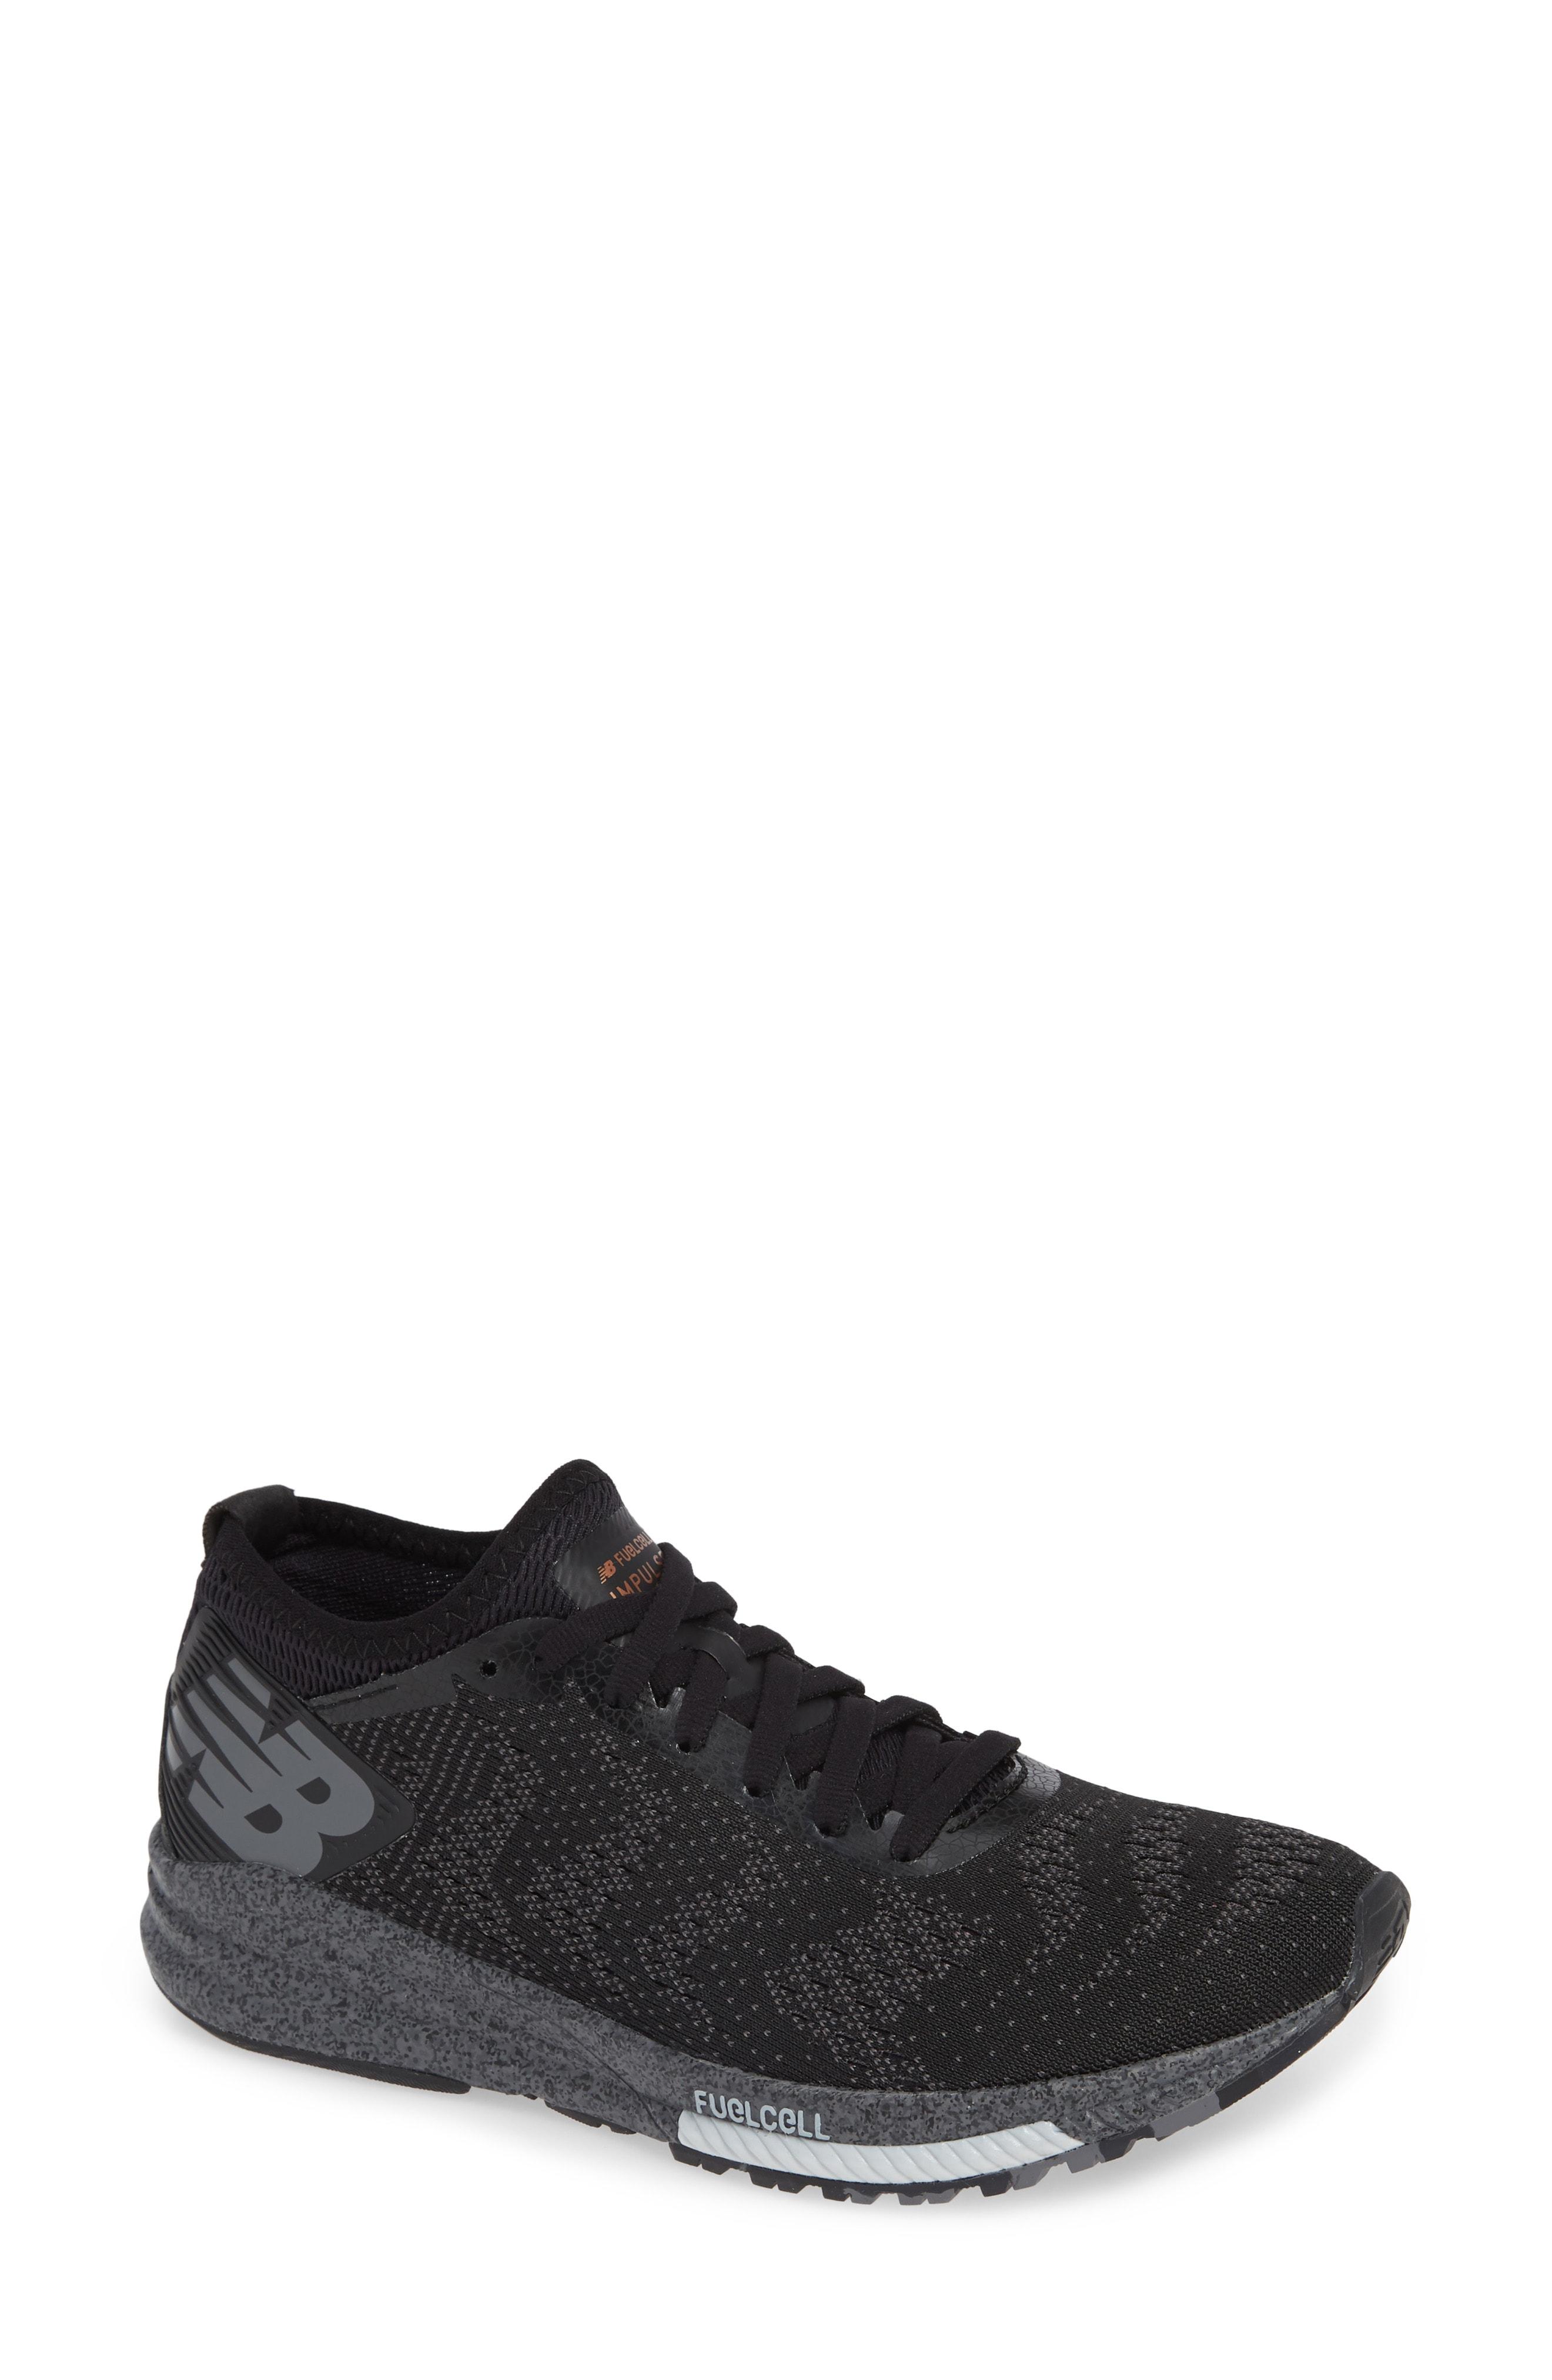 New Balance FuelCell Impulse Running Shoe (Women)